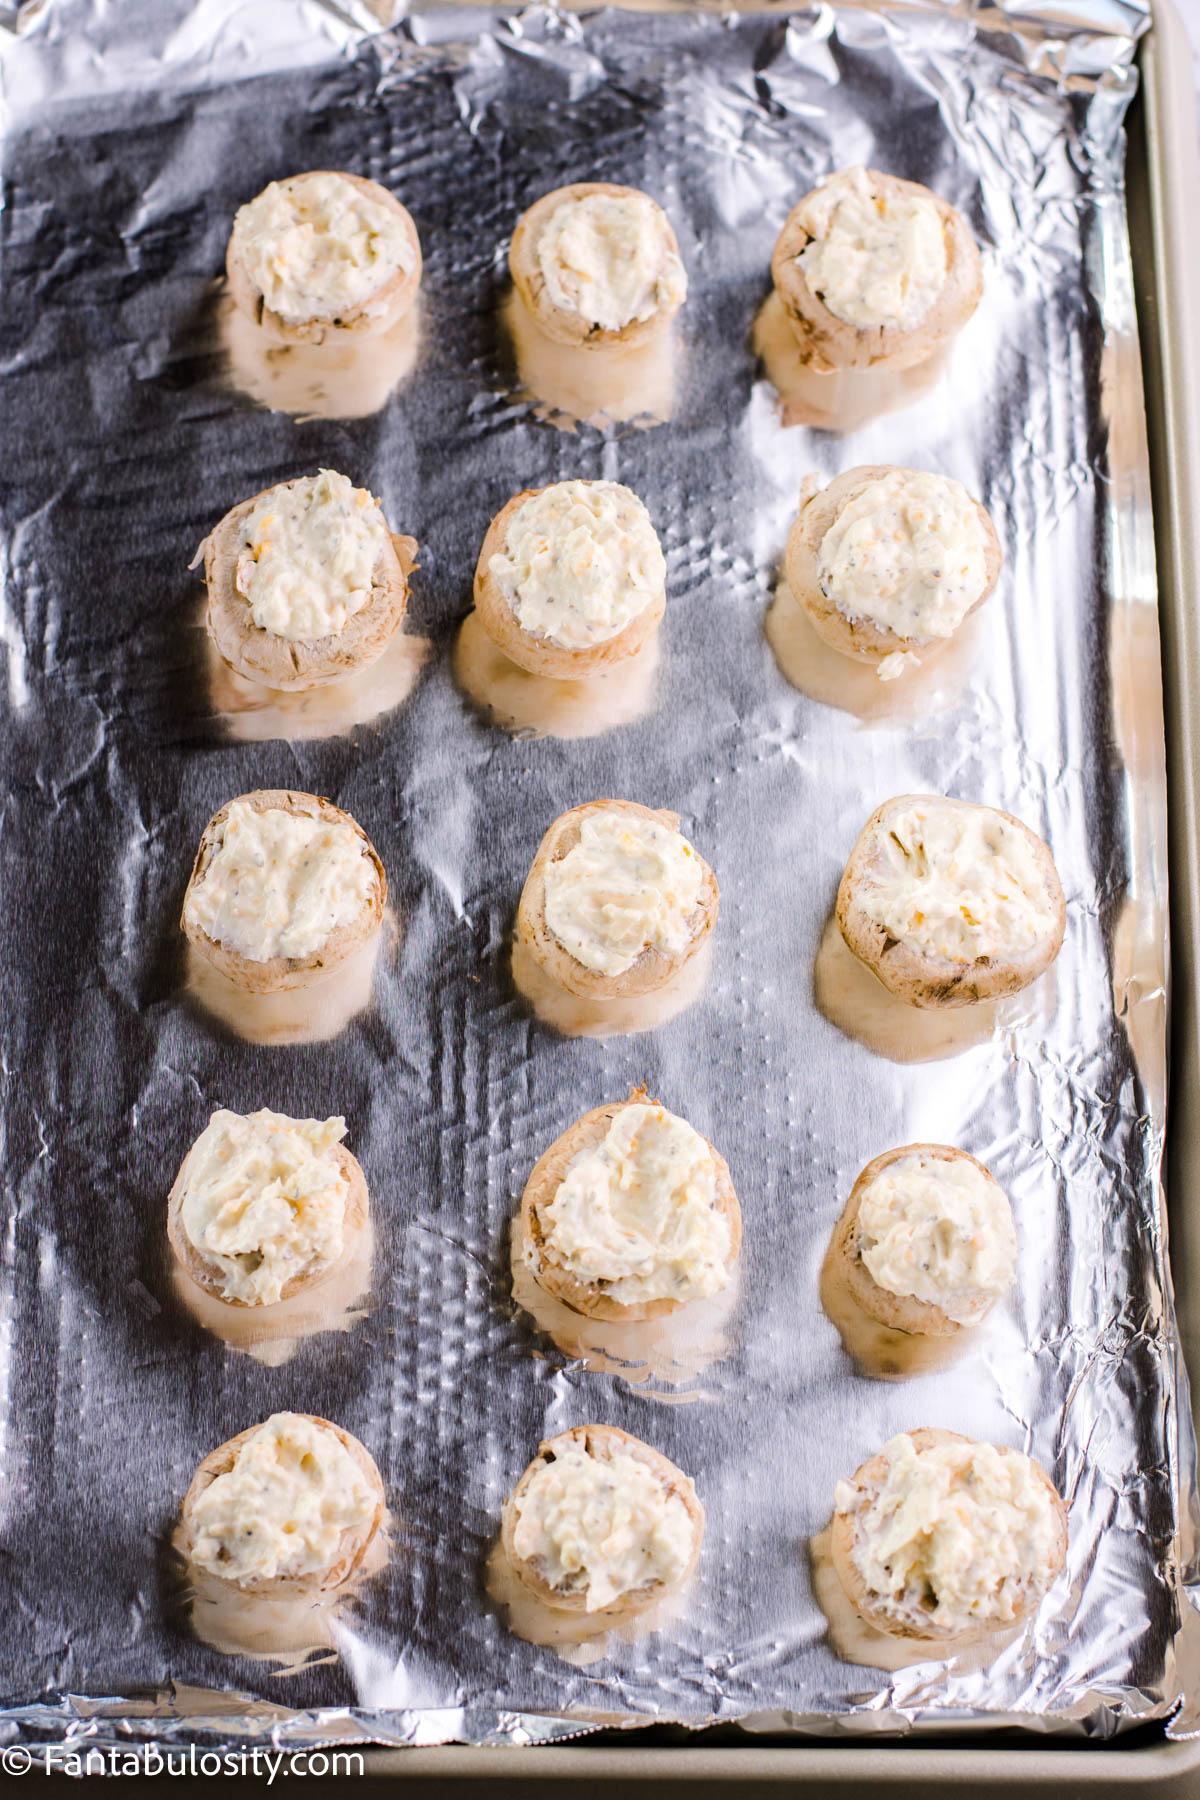 Stuff mushrooms with cream cheese